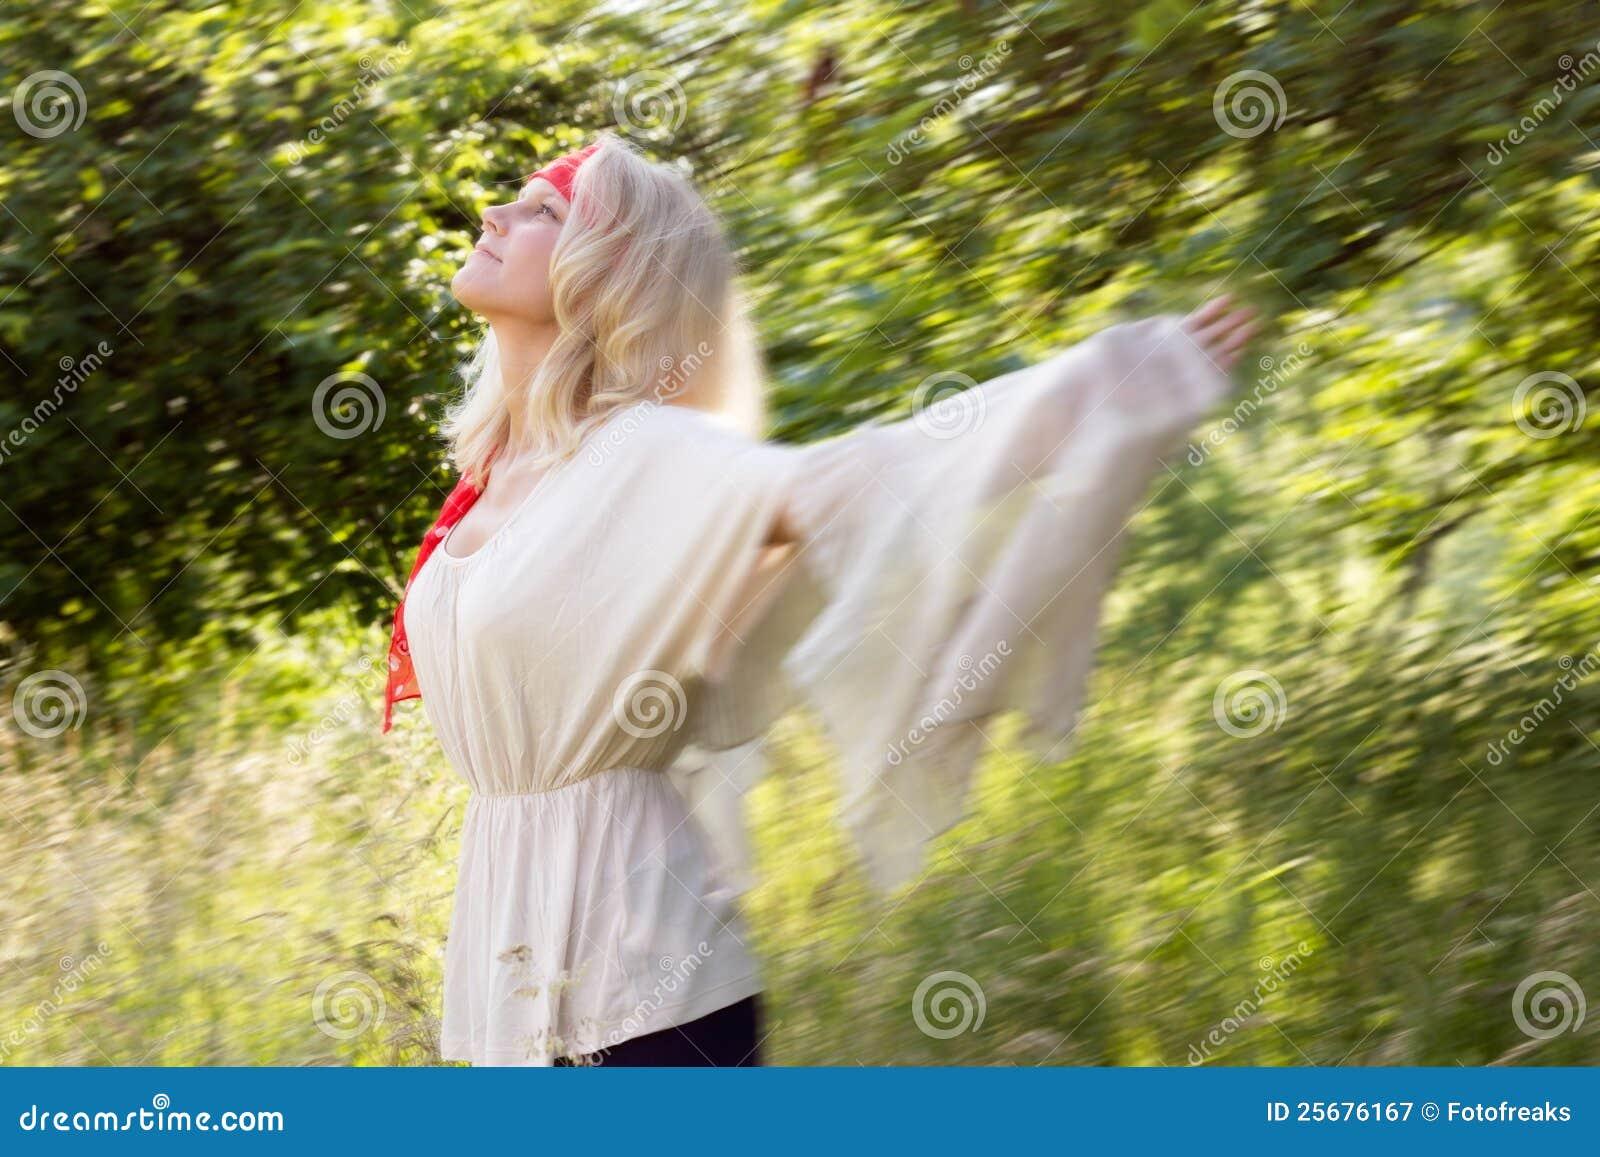 少妇跳舞在夏天